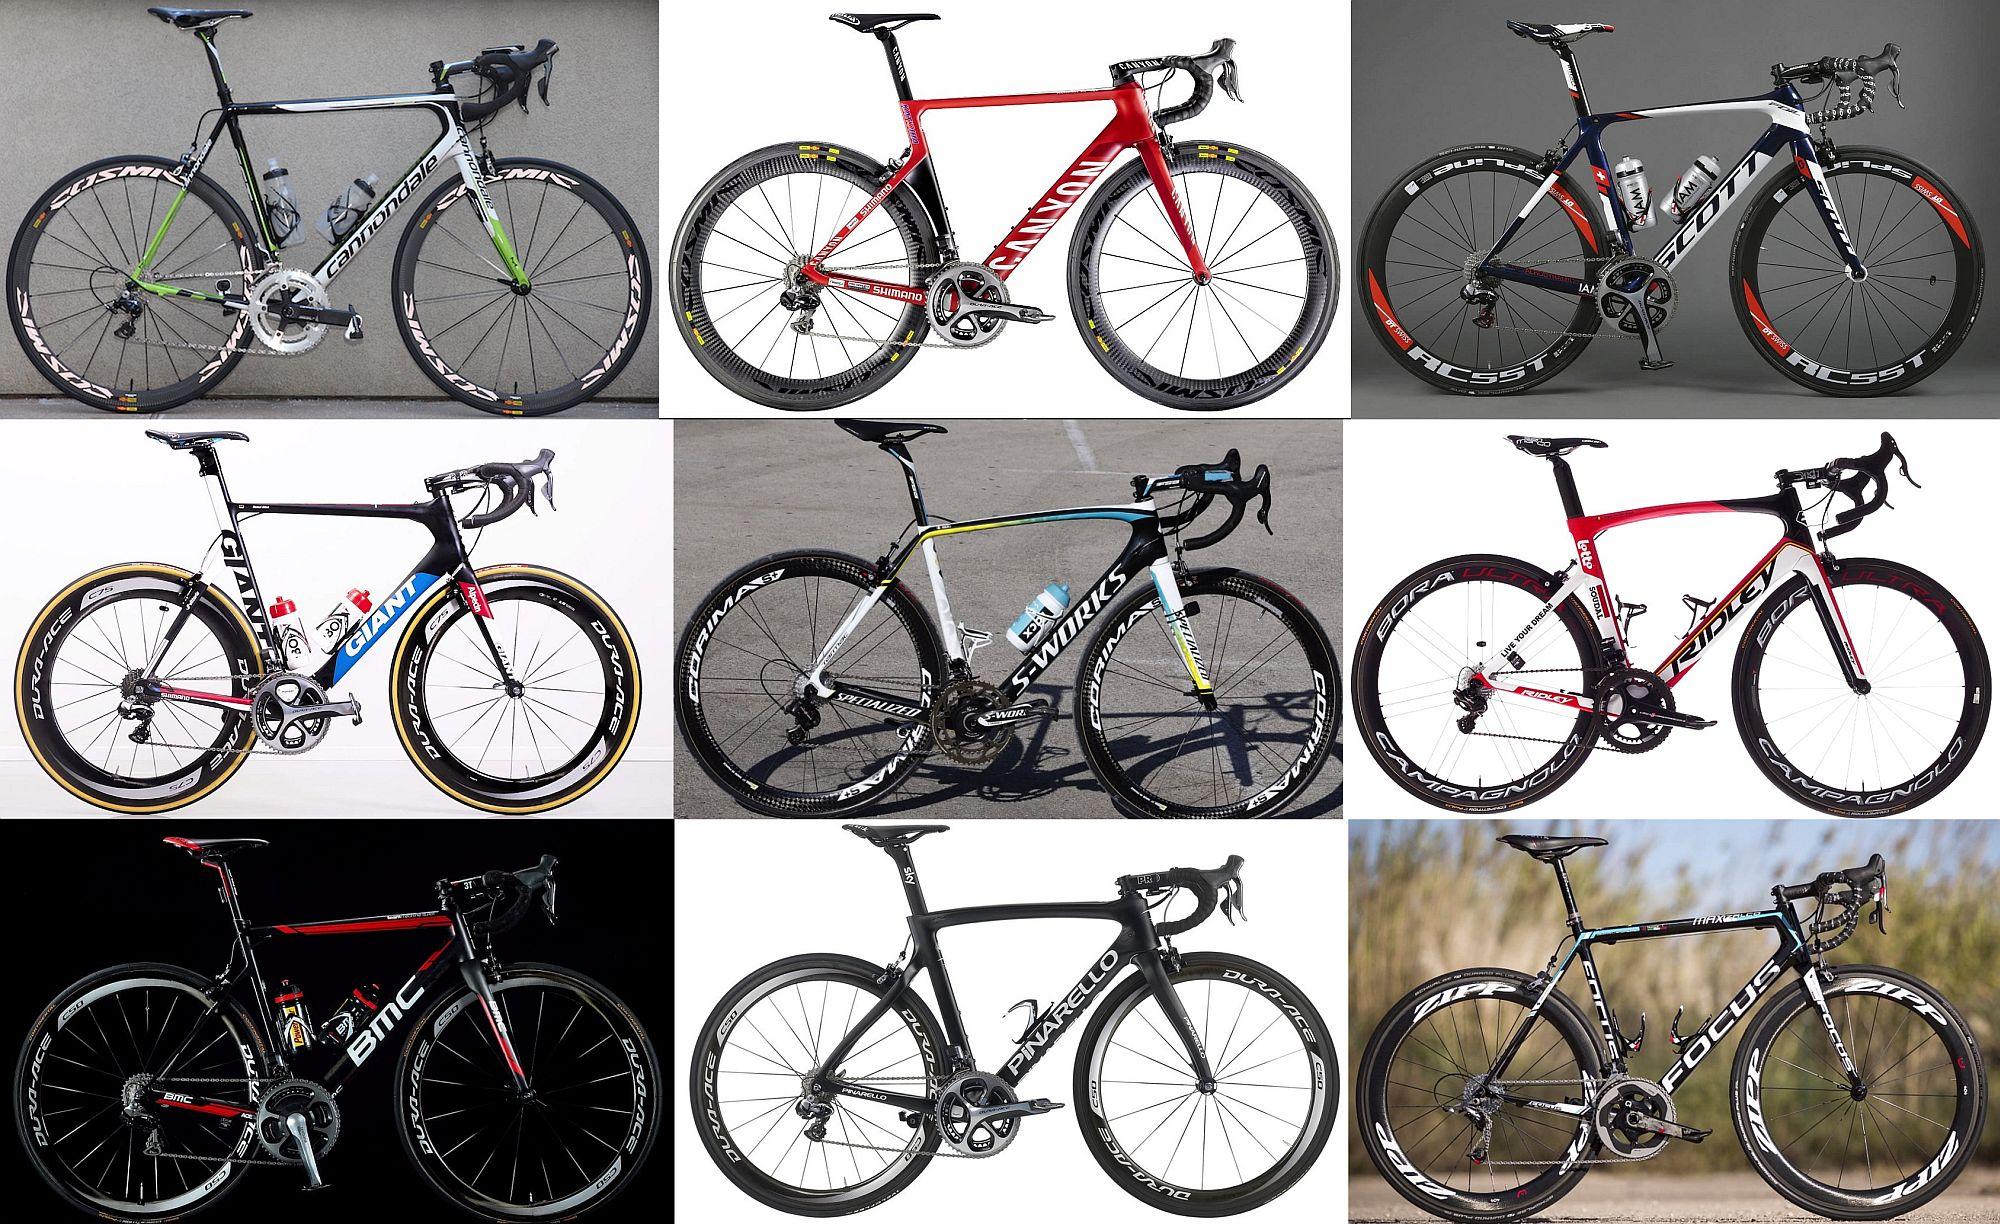 A kerékpárok, melyek között mindenkinek van egy kedvence